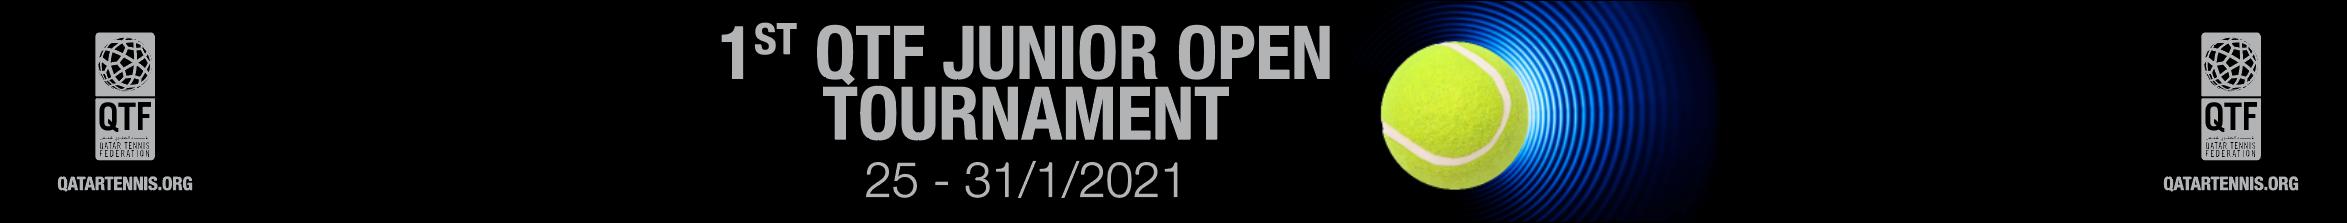 بطولة الاتحاد القطري للتنس المفتوحة للناشئين ٢٠٢١